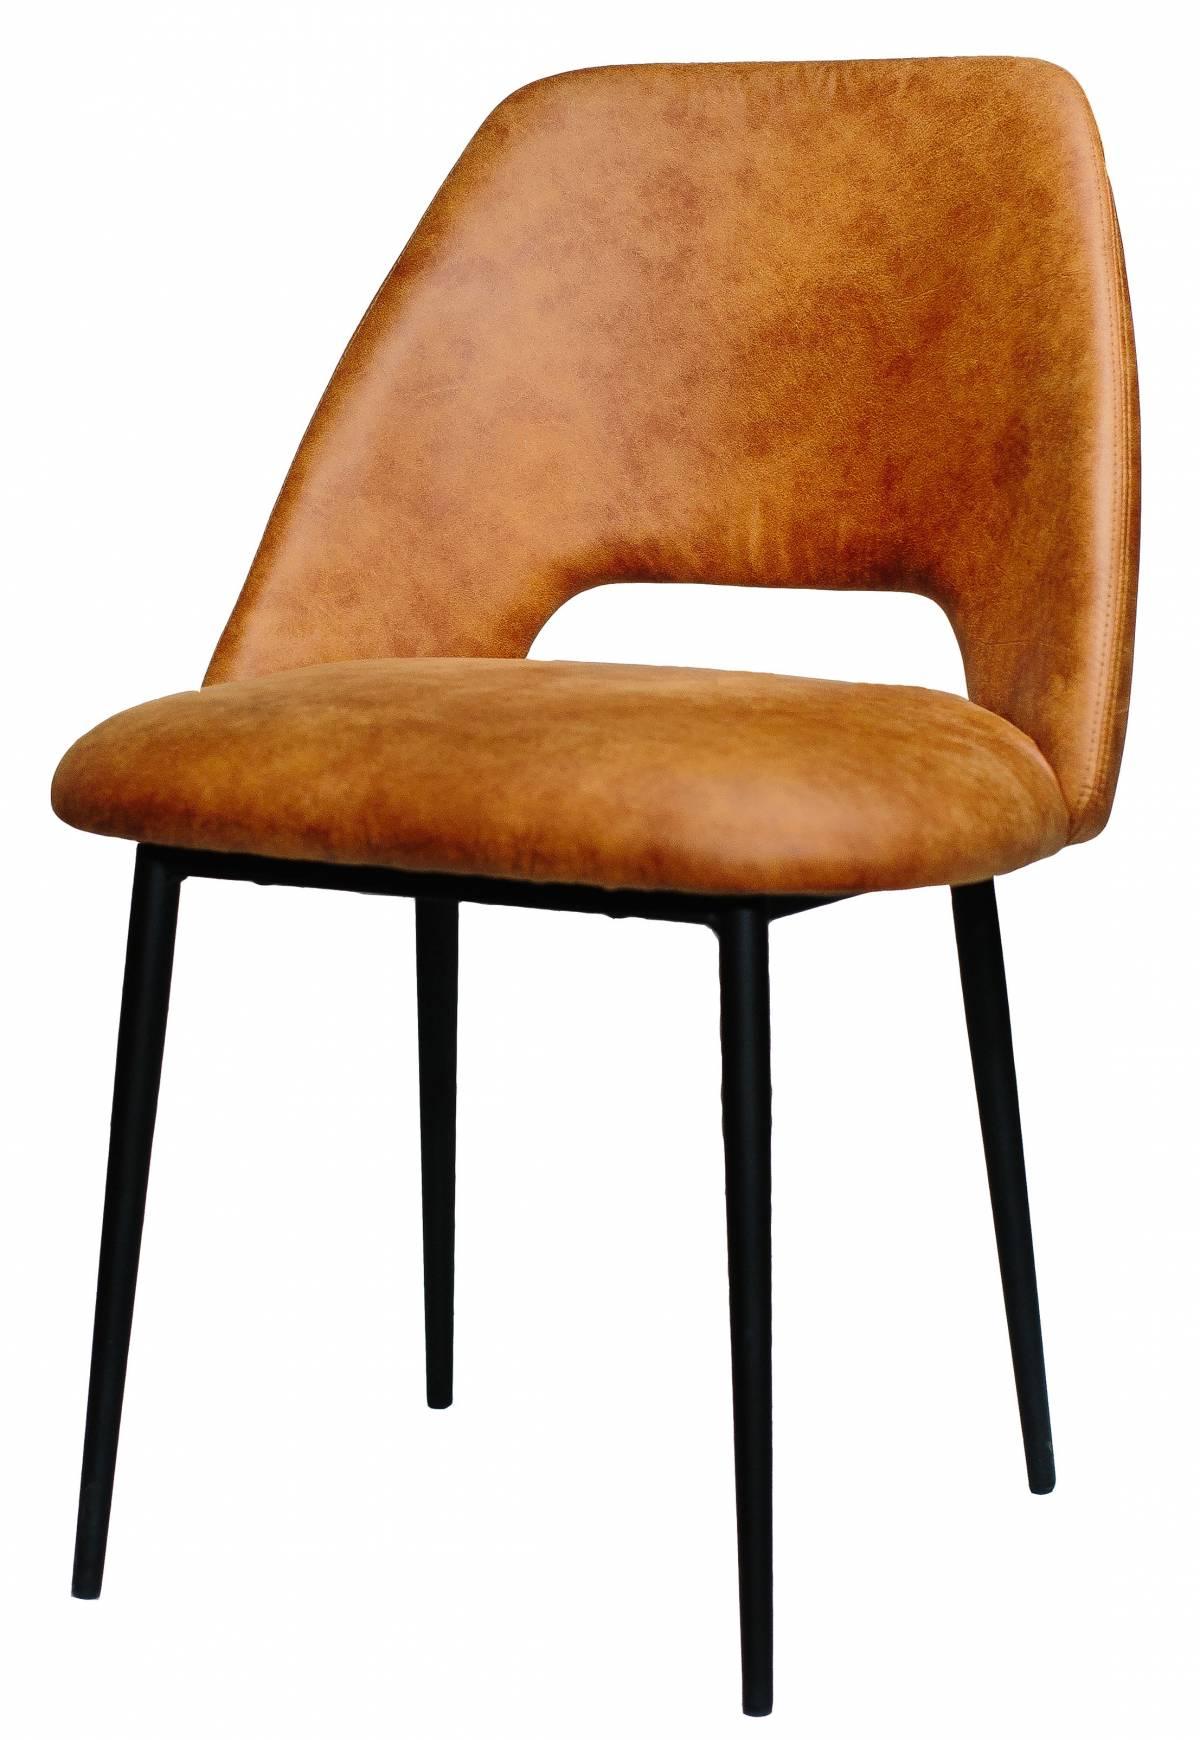 Металлический стул Vic Sandalye экокожа оранжевый в Raroom